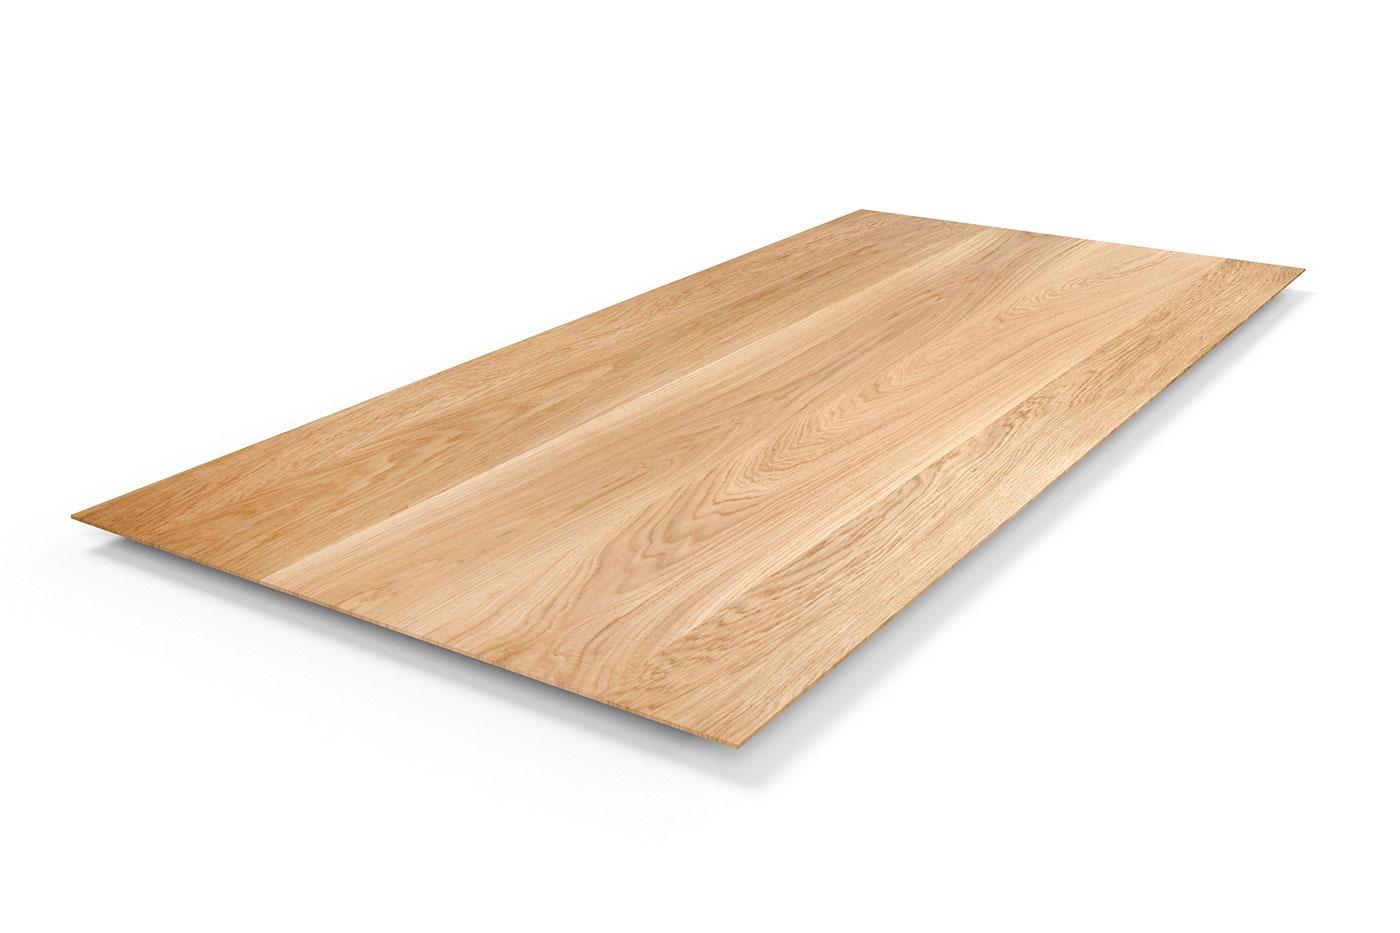 Schweizer Kante Tischplatte Eiche